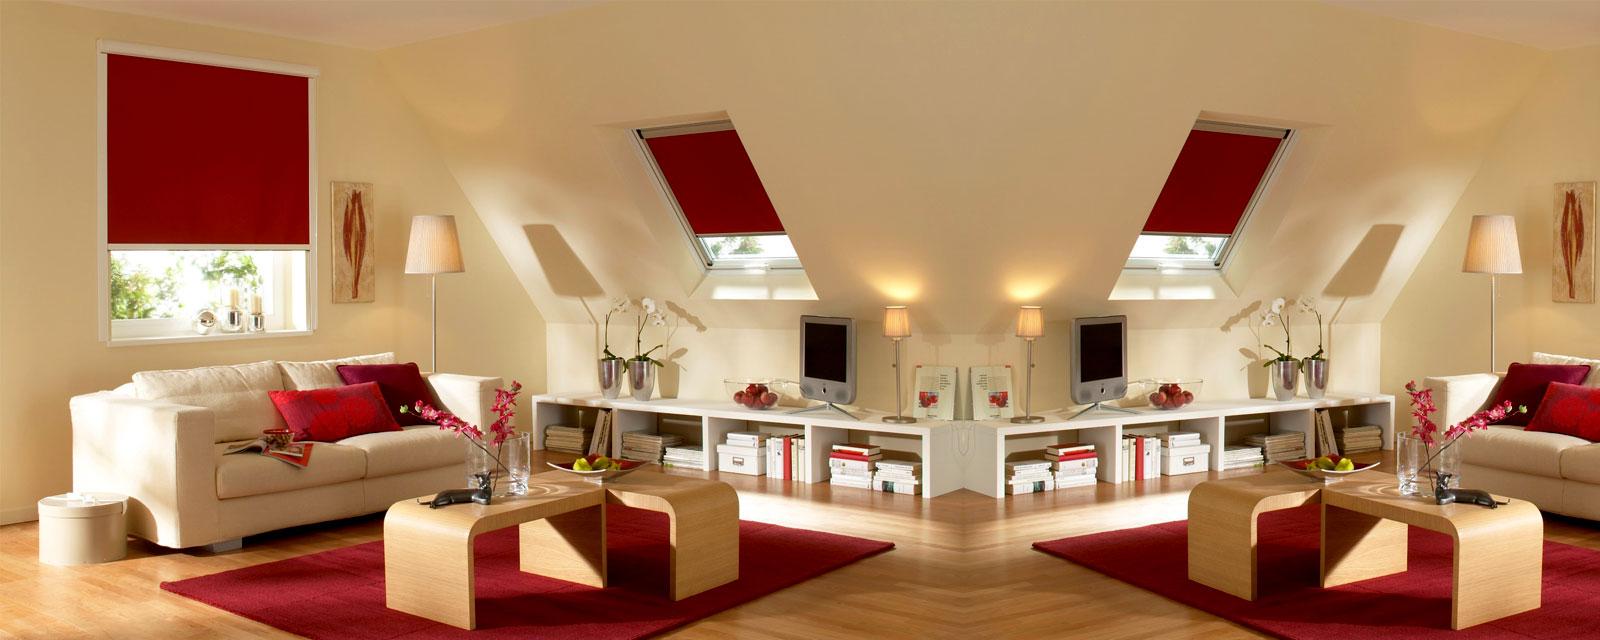 n hatelier brumm gaildorf gardinen dekorationen stoffe. Black Bedroom Furniture Sets. Home Design Ideas